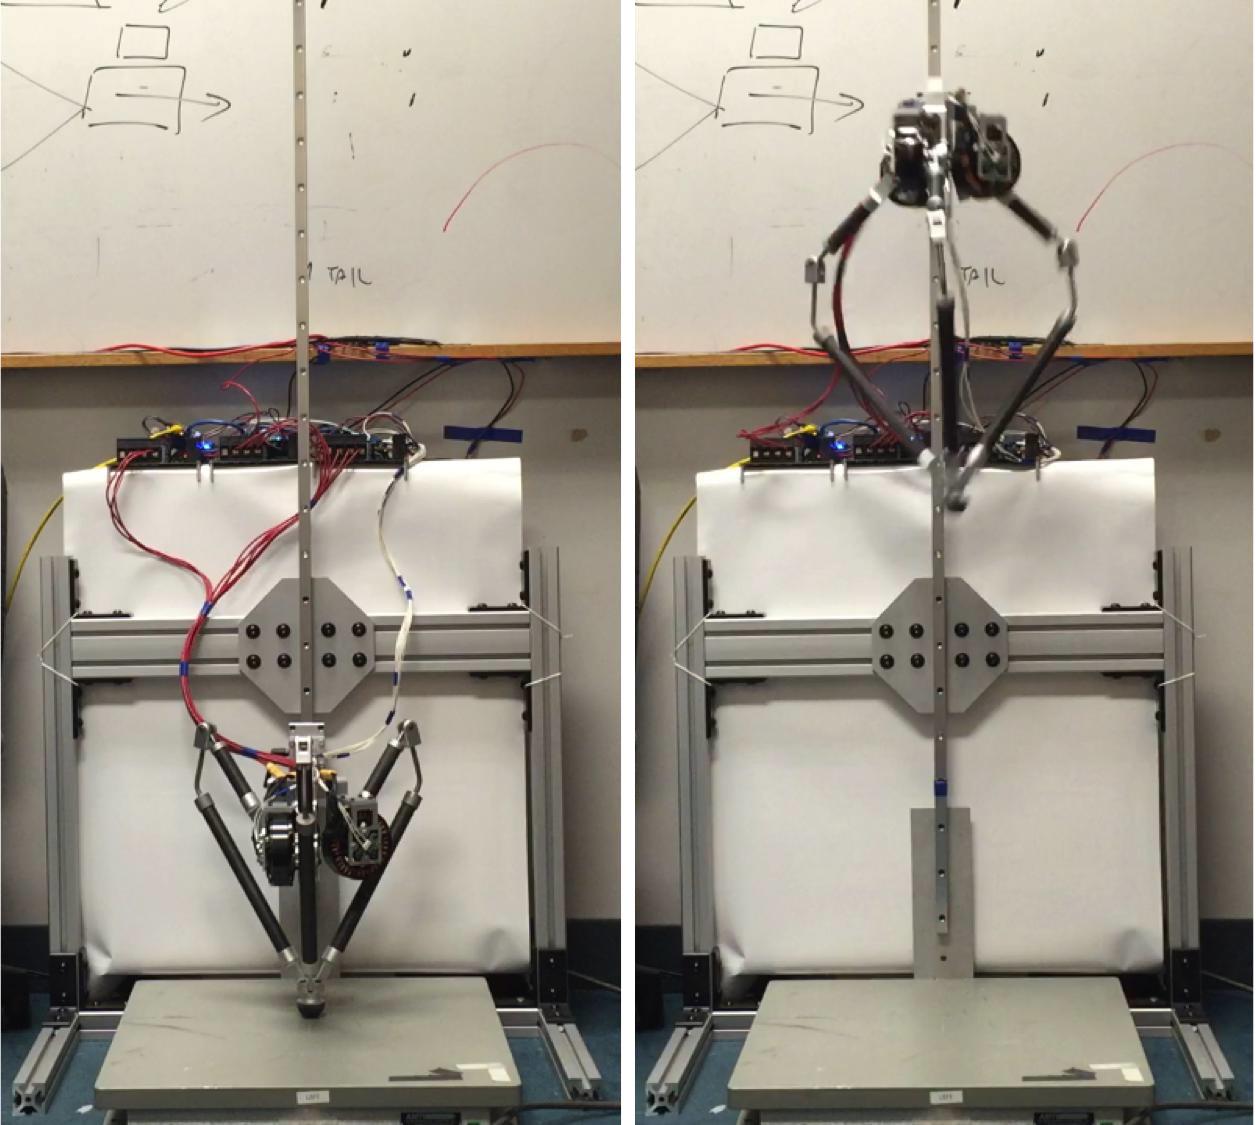 Студент сконструировал механическую ногу для робота, которая прыгает в два раза выше своей высоты